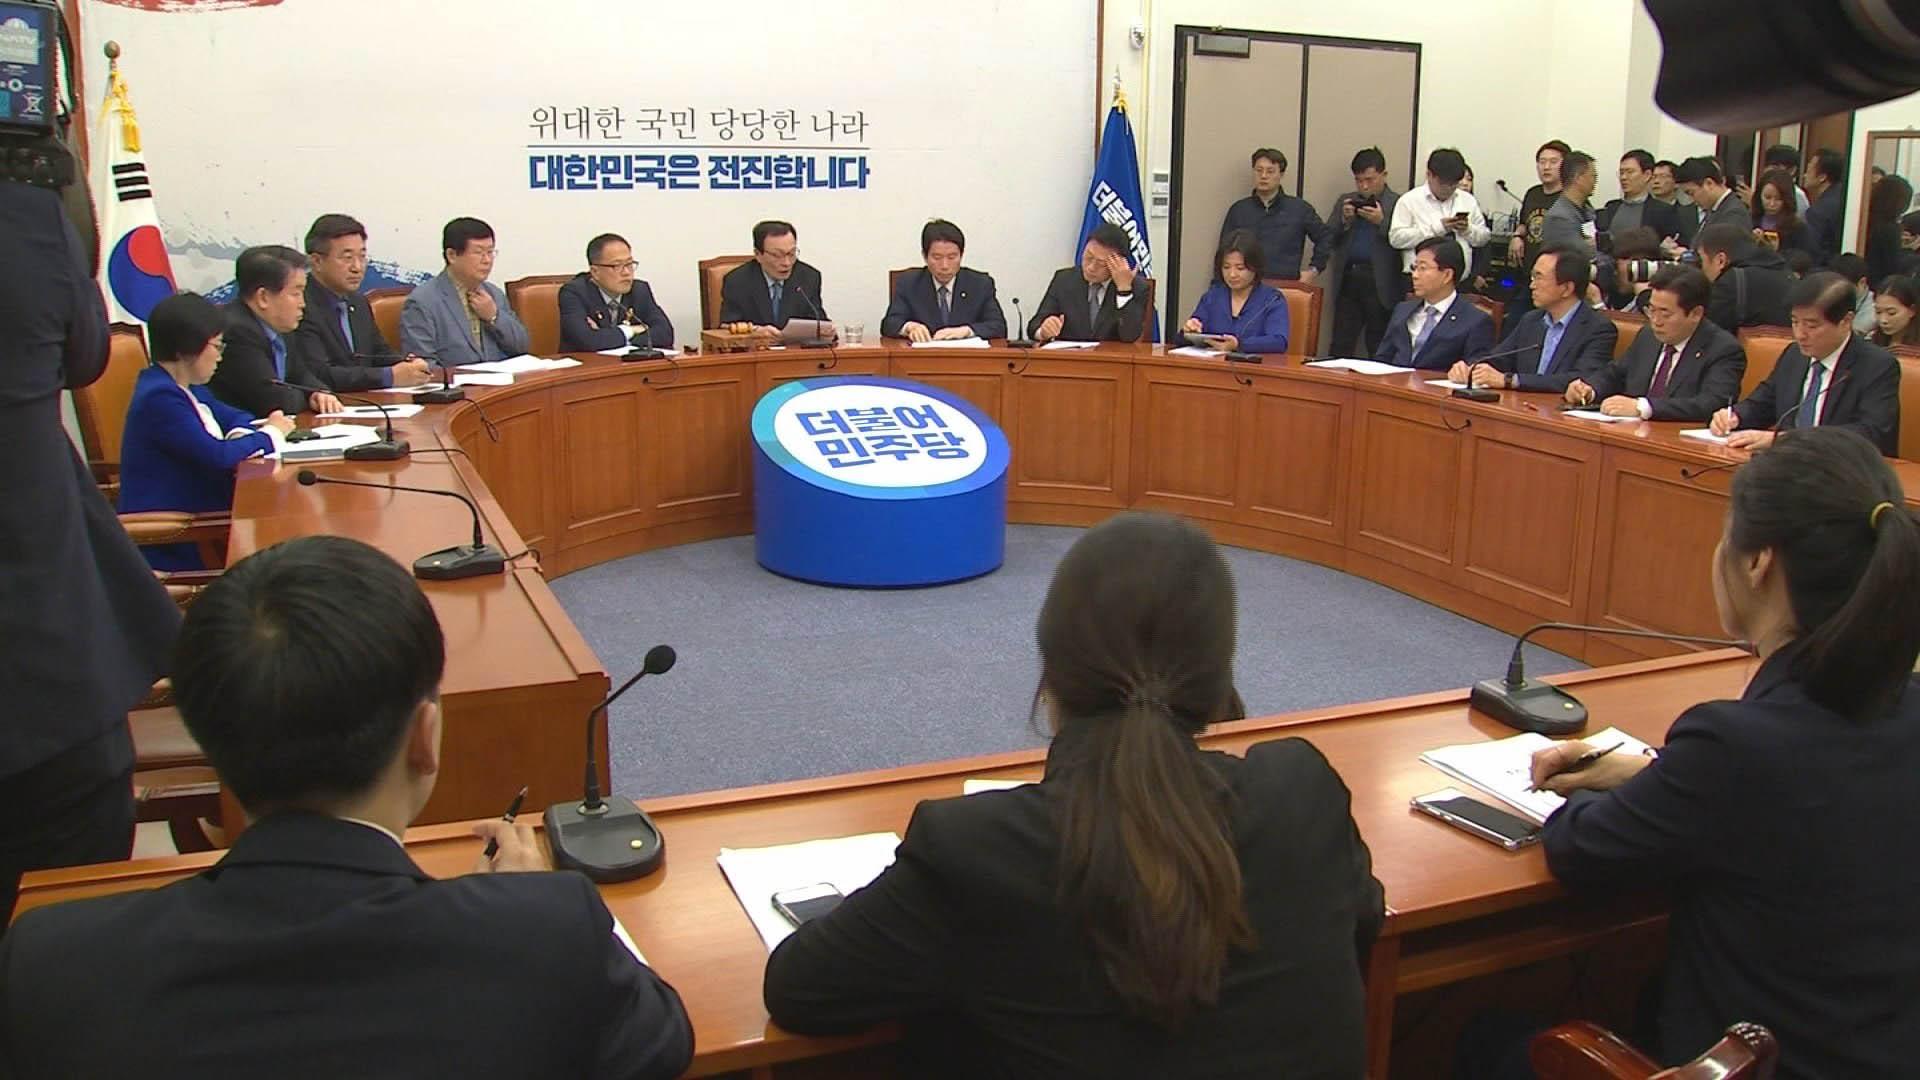 민주, '현역의원 평가 하위 20%' 공개 검토